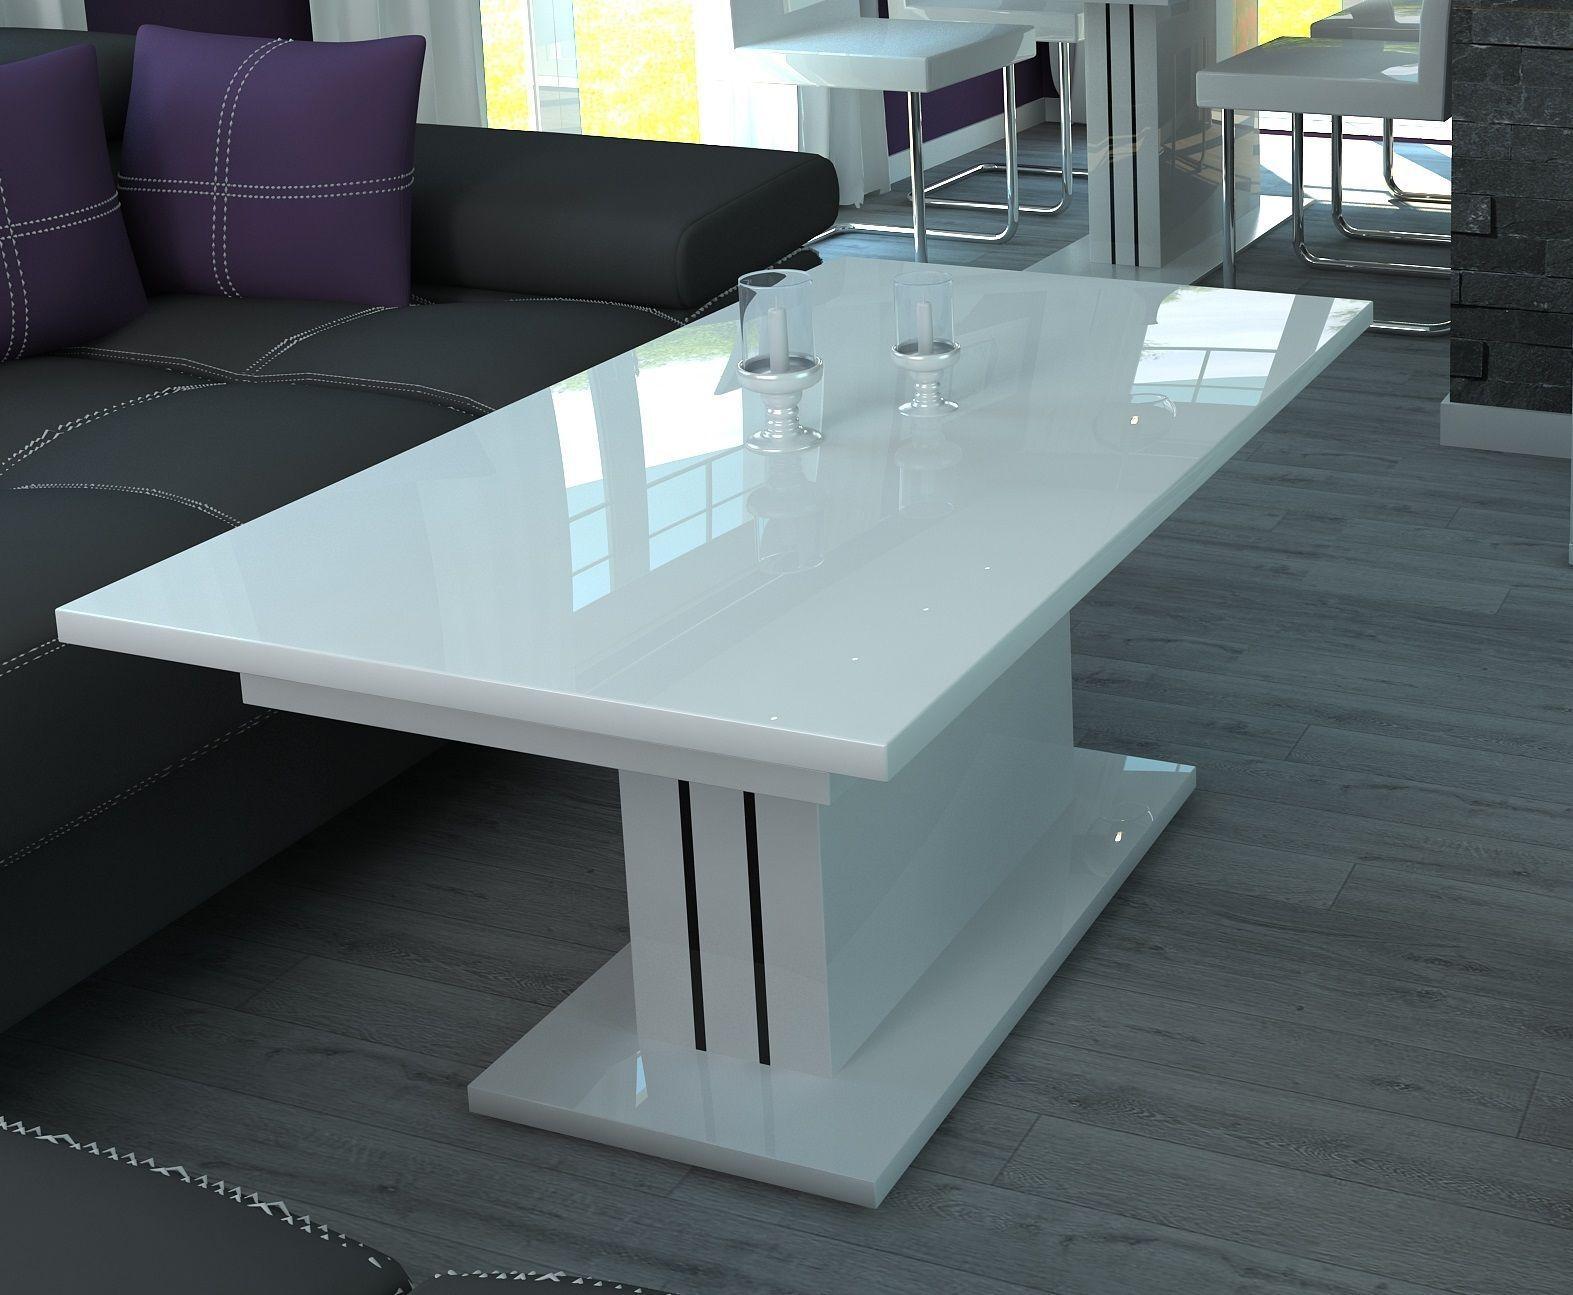 Couchtisch Ausziehbar Wohnzimmer Auszugtisch Design Hochglanz Weiss